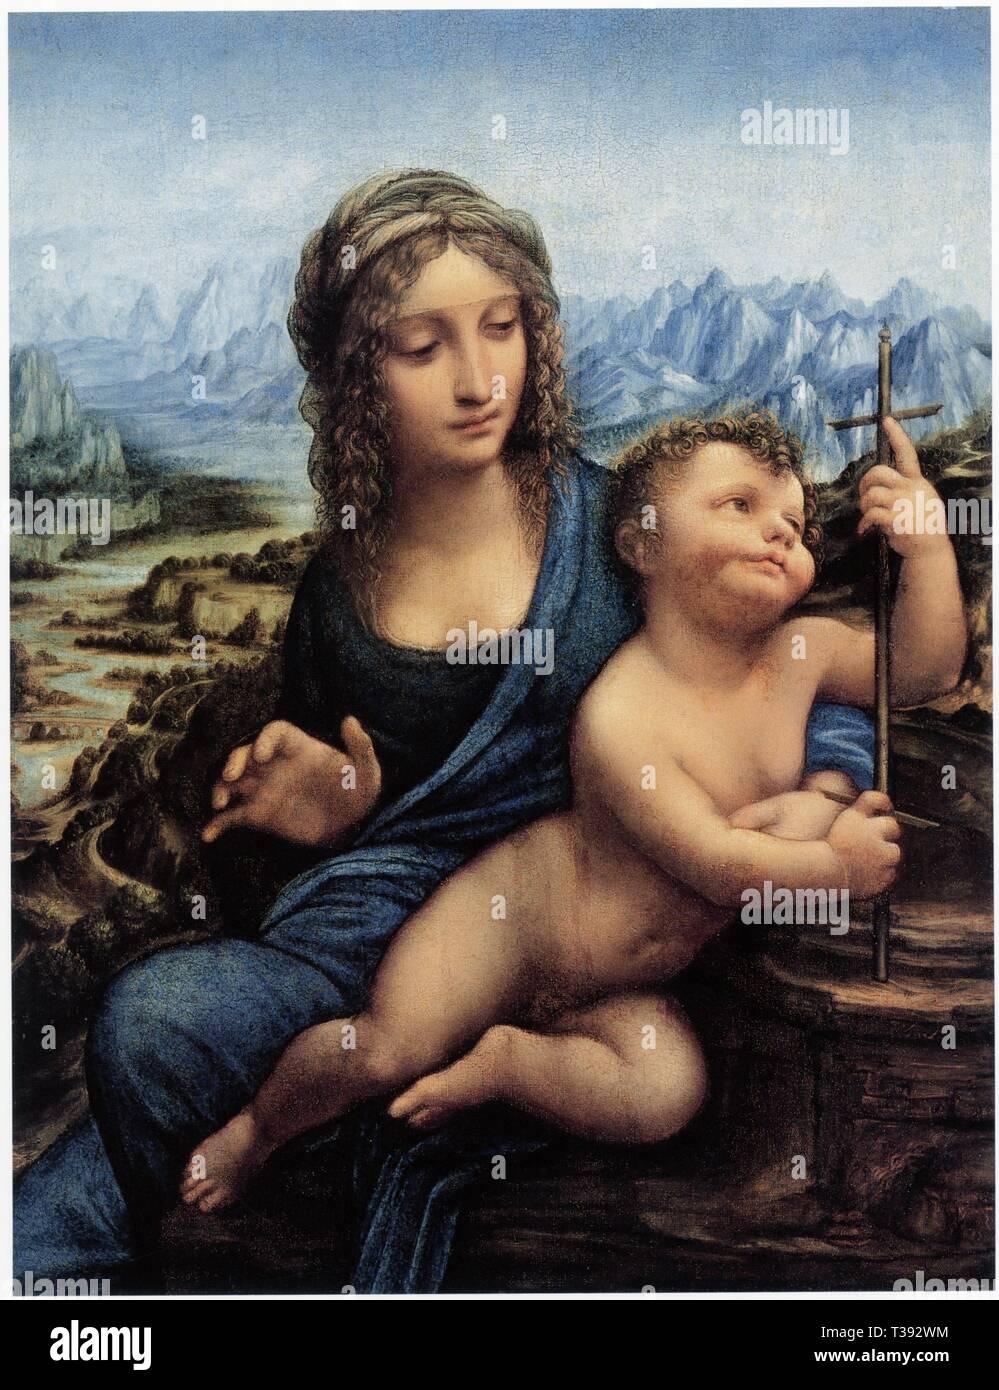 LEONARDO DA VINCI.MADONNA DI YARNWINDER.1501.Olio su legno.52,2 cm x 36,4 cm Immagini Stock